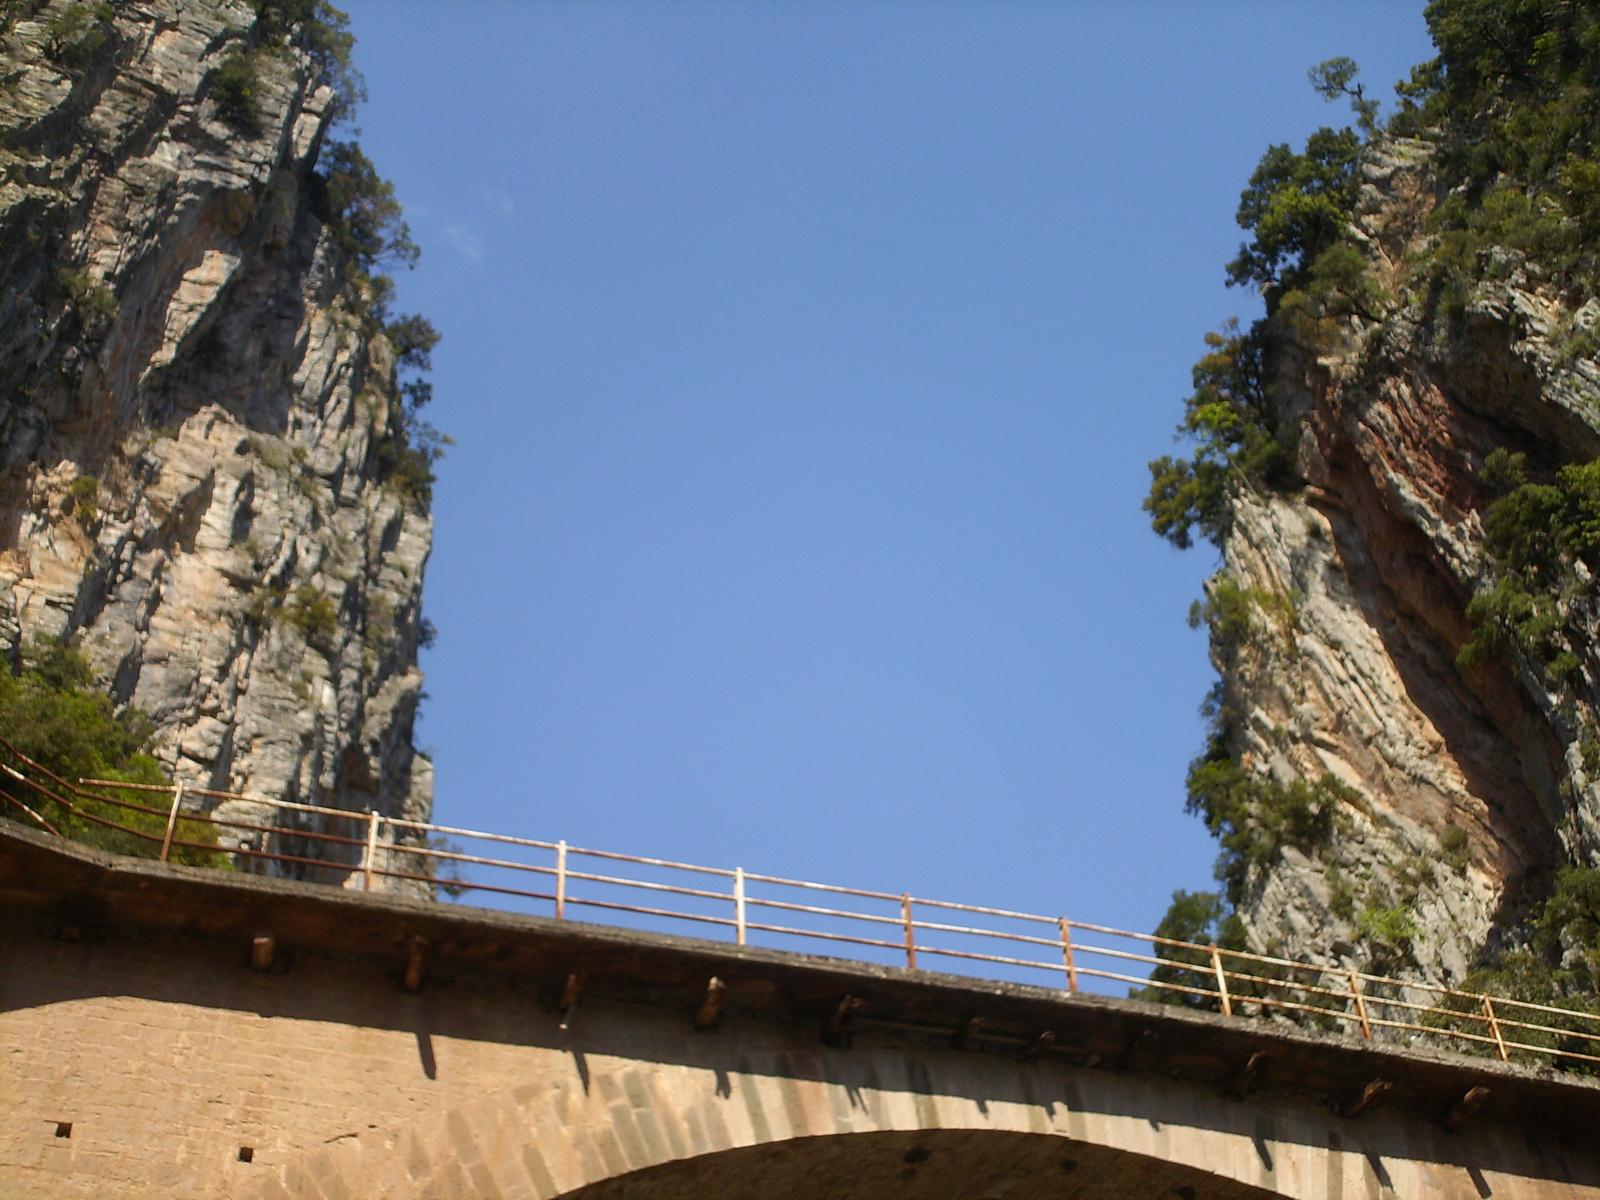 Γέφυρα Τρικεριώτη 30-04-2007_resize